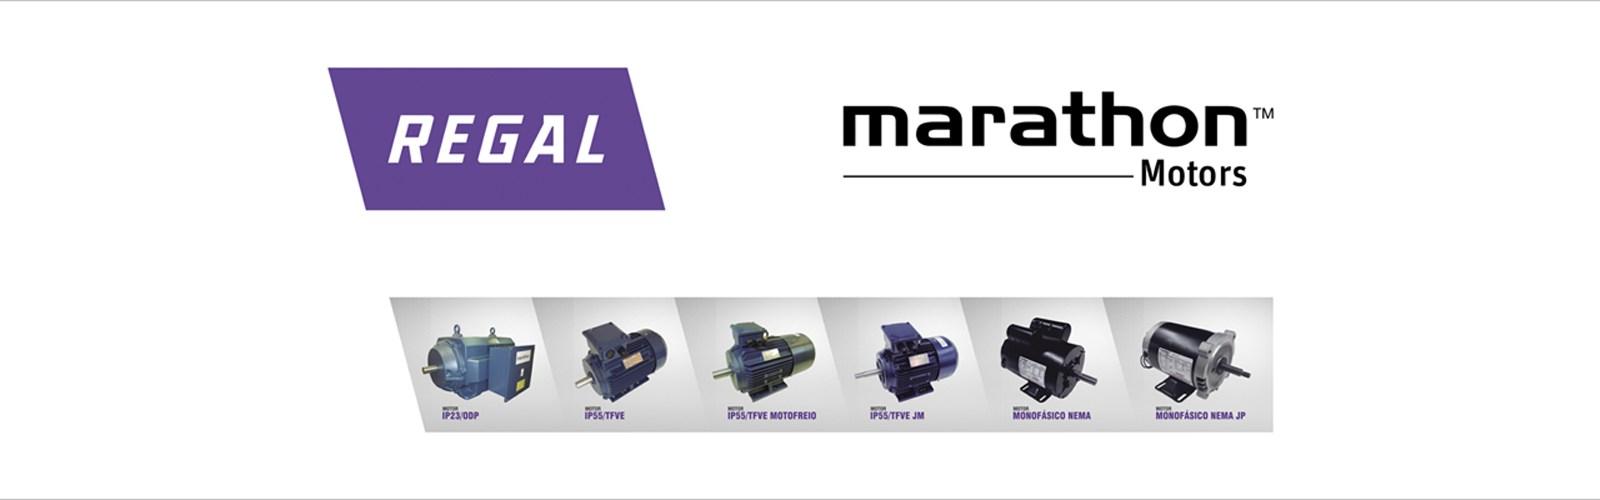 Marathon-motores